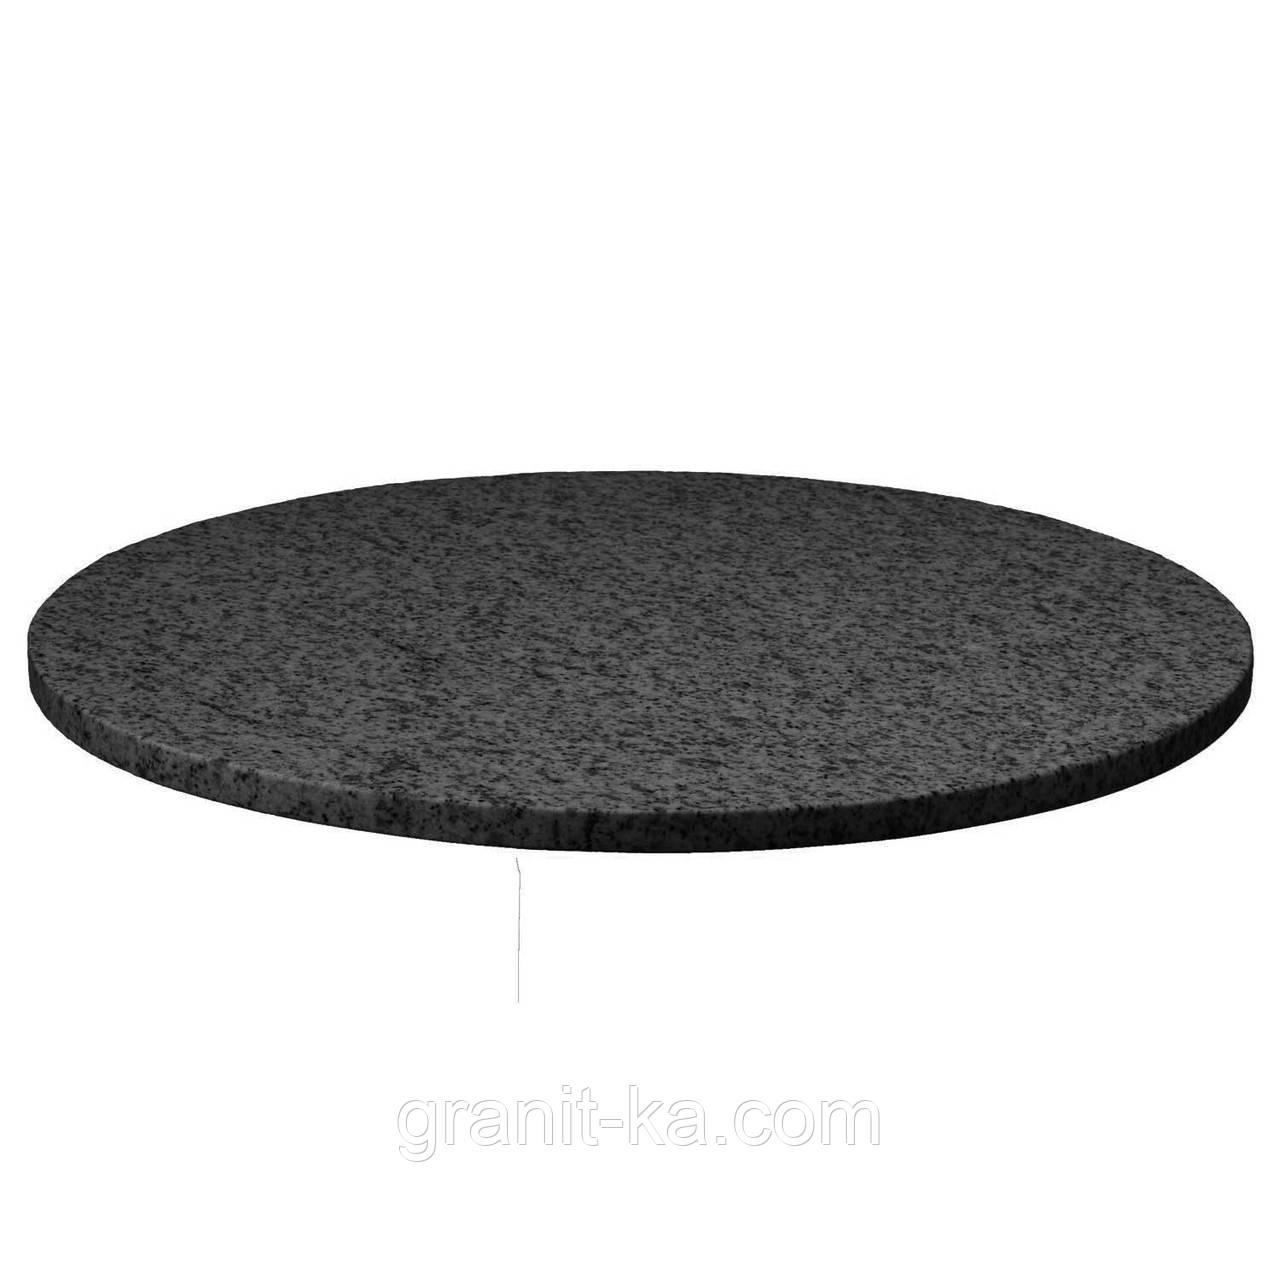 Кругла стільниця з граніту